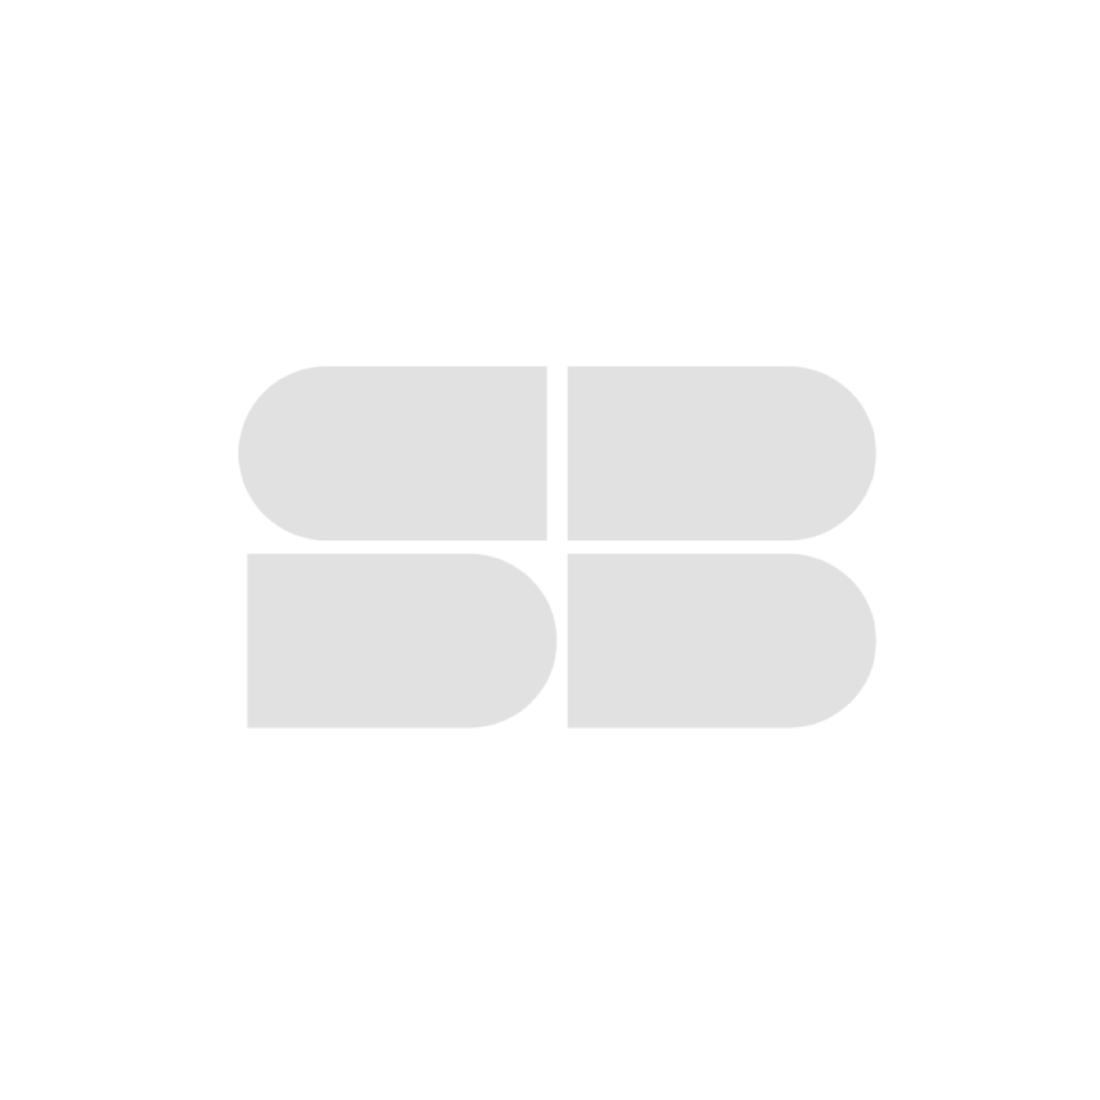 เก้าอี้ รุ่น Yonny สีน้ำตาล01